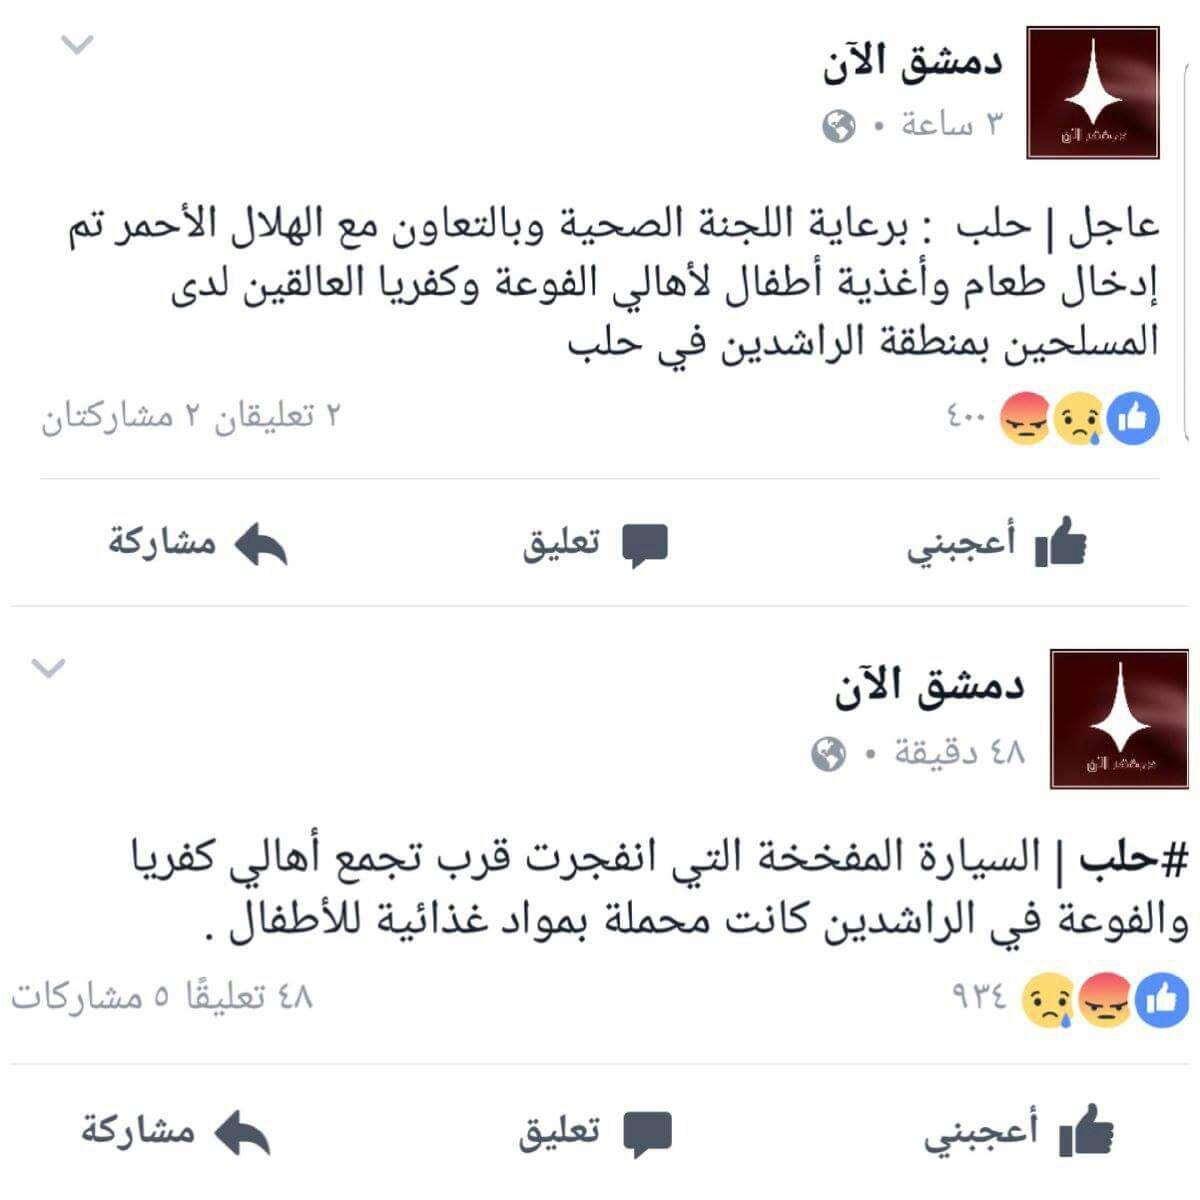 """صورة تُظهر الخبرين اللذين حذفتهما صفحة """"دمشق الآن"""""""